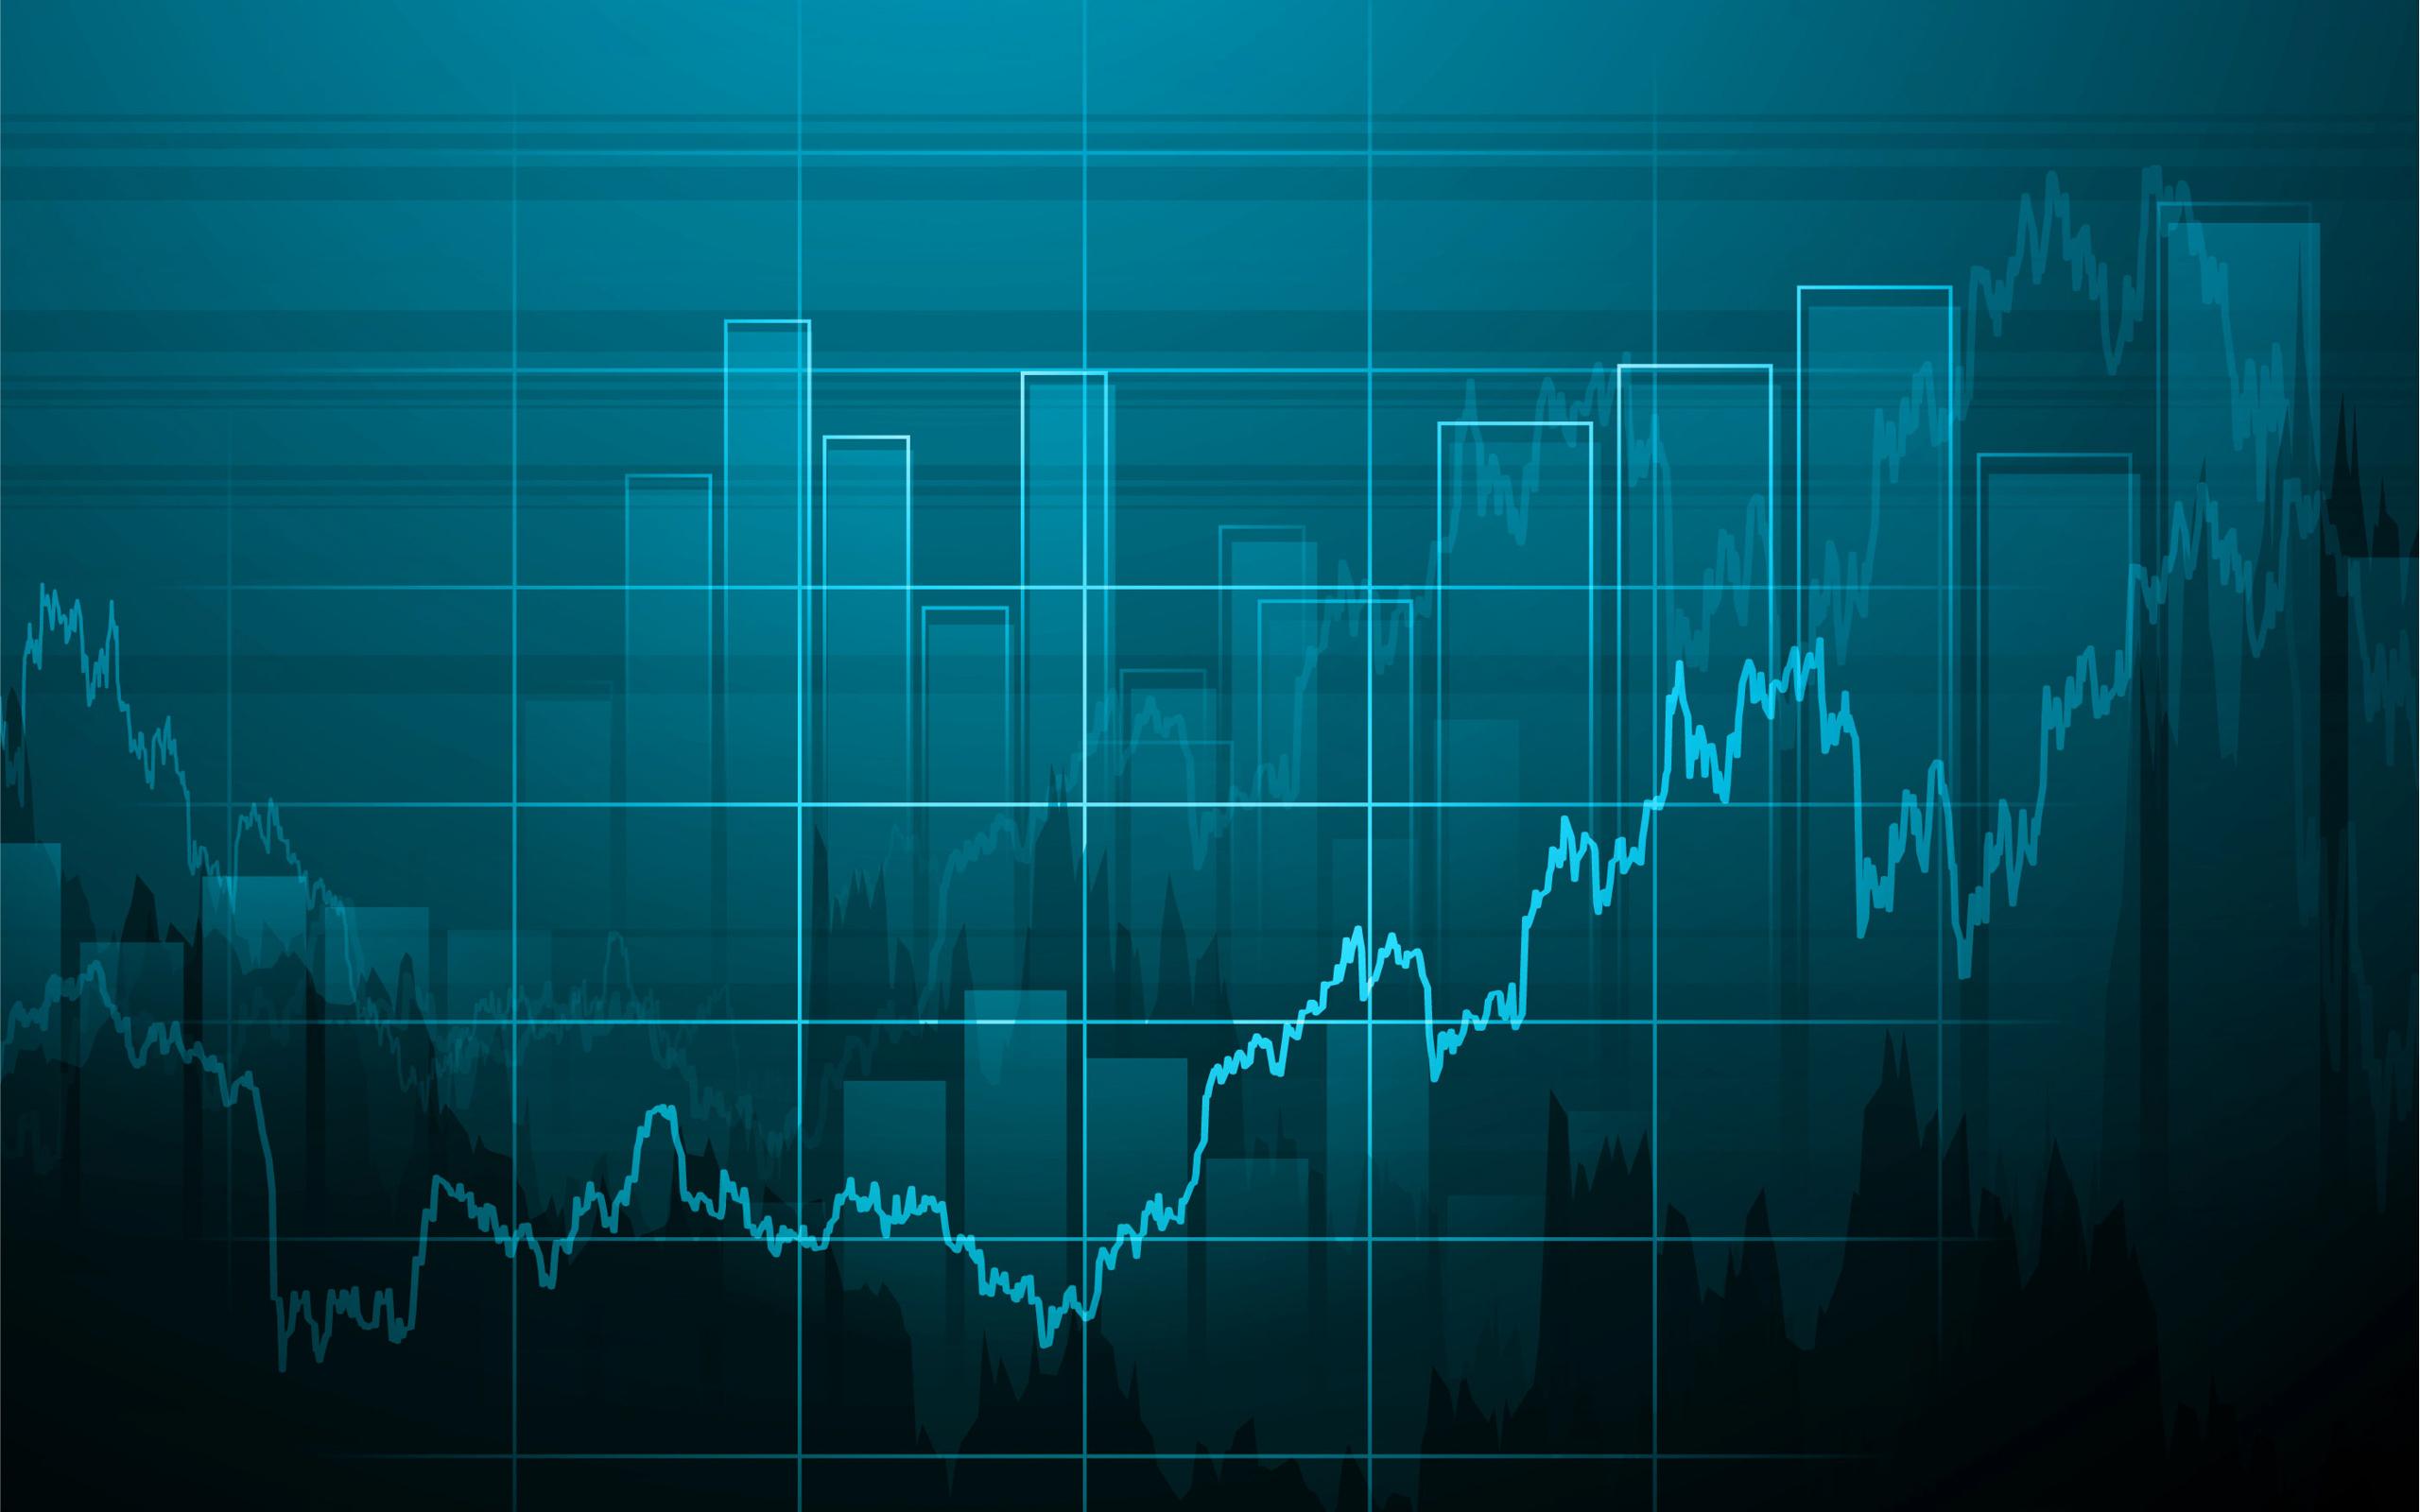 График котировок 100 богатых людей мира по форекс addguest htm